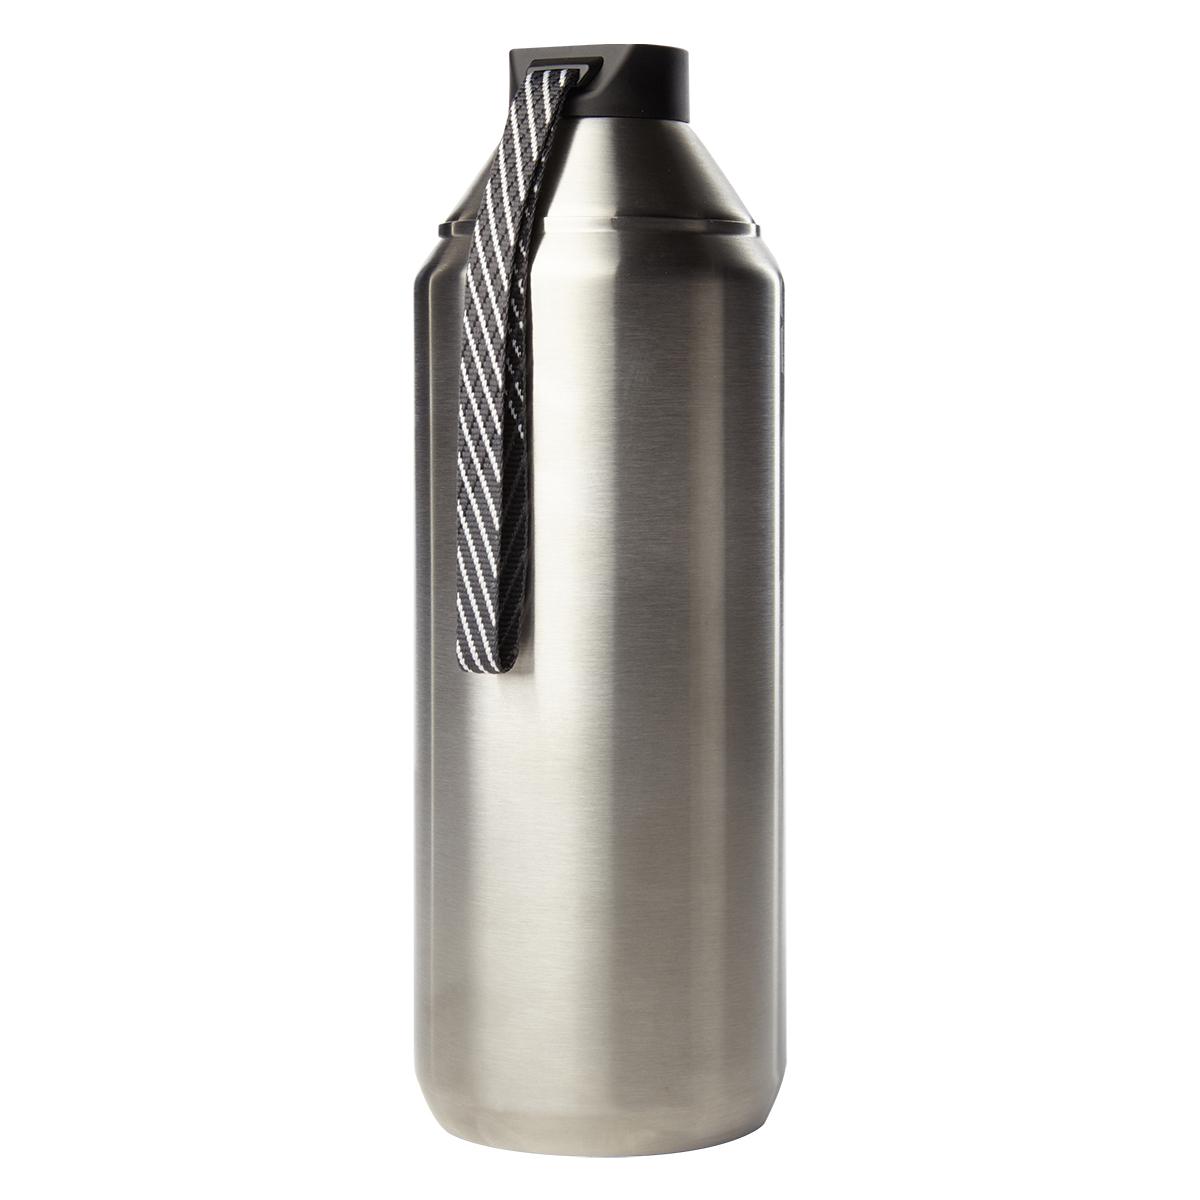 Hydrogen 32 oz. Stainless Steel Water Bottle